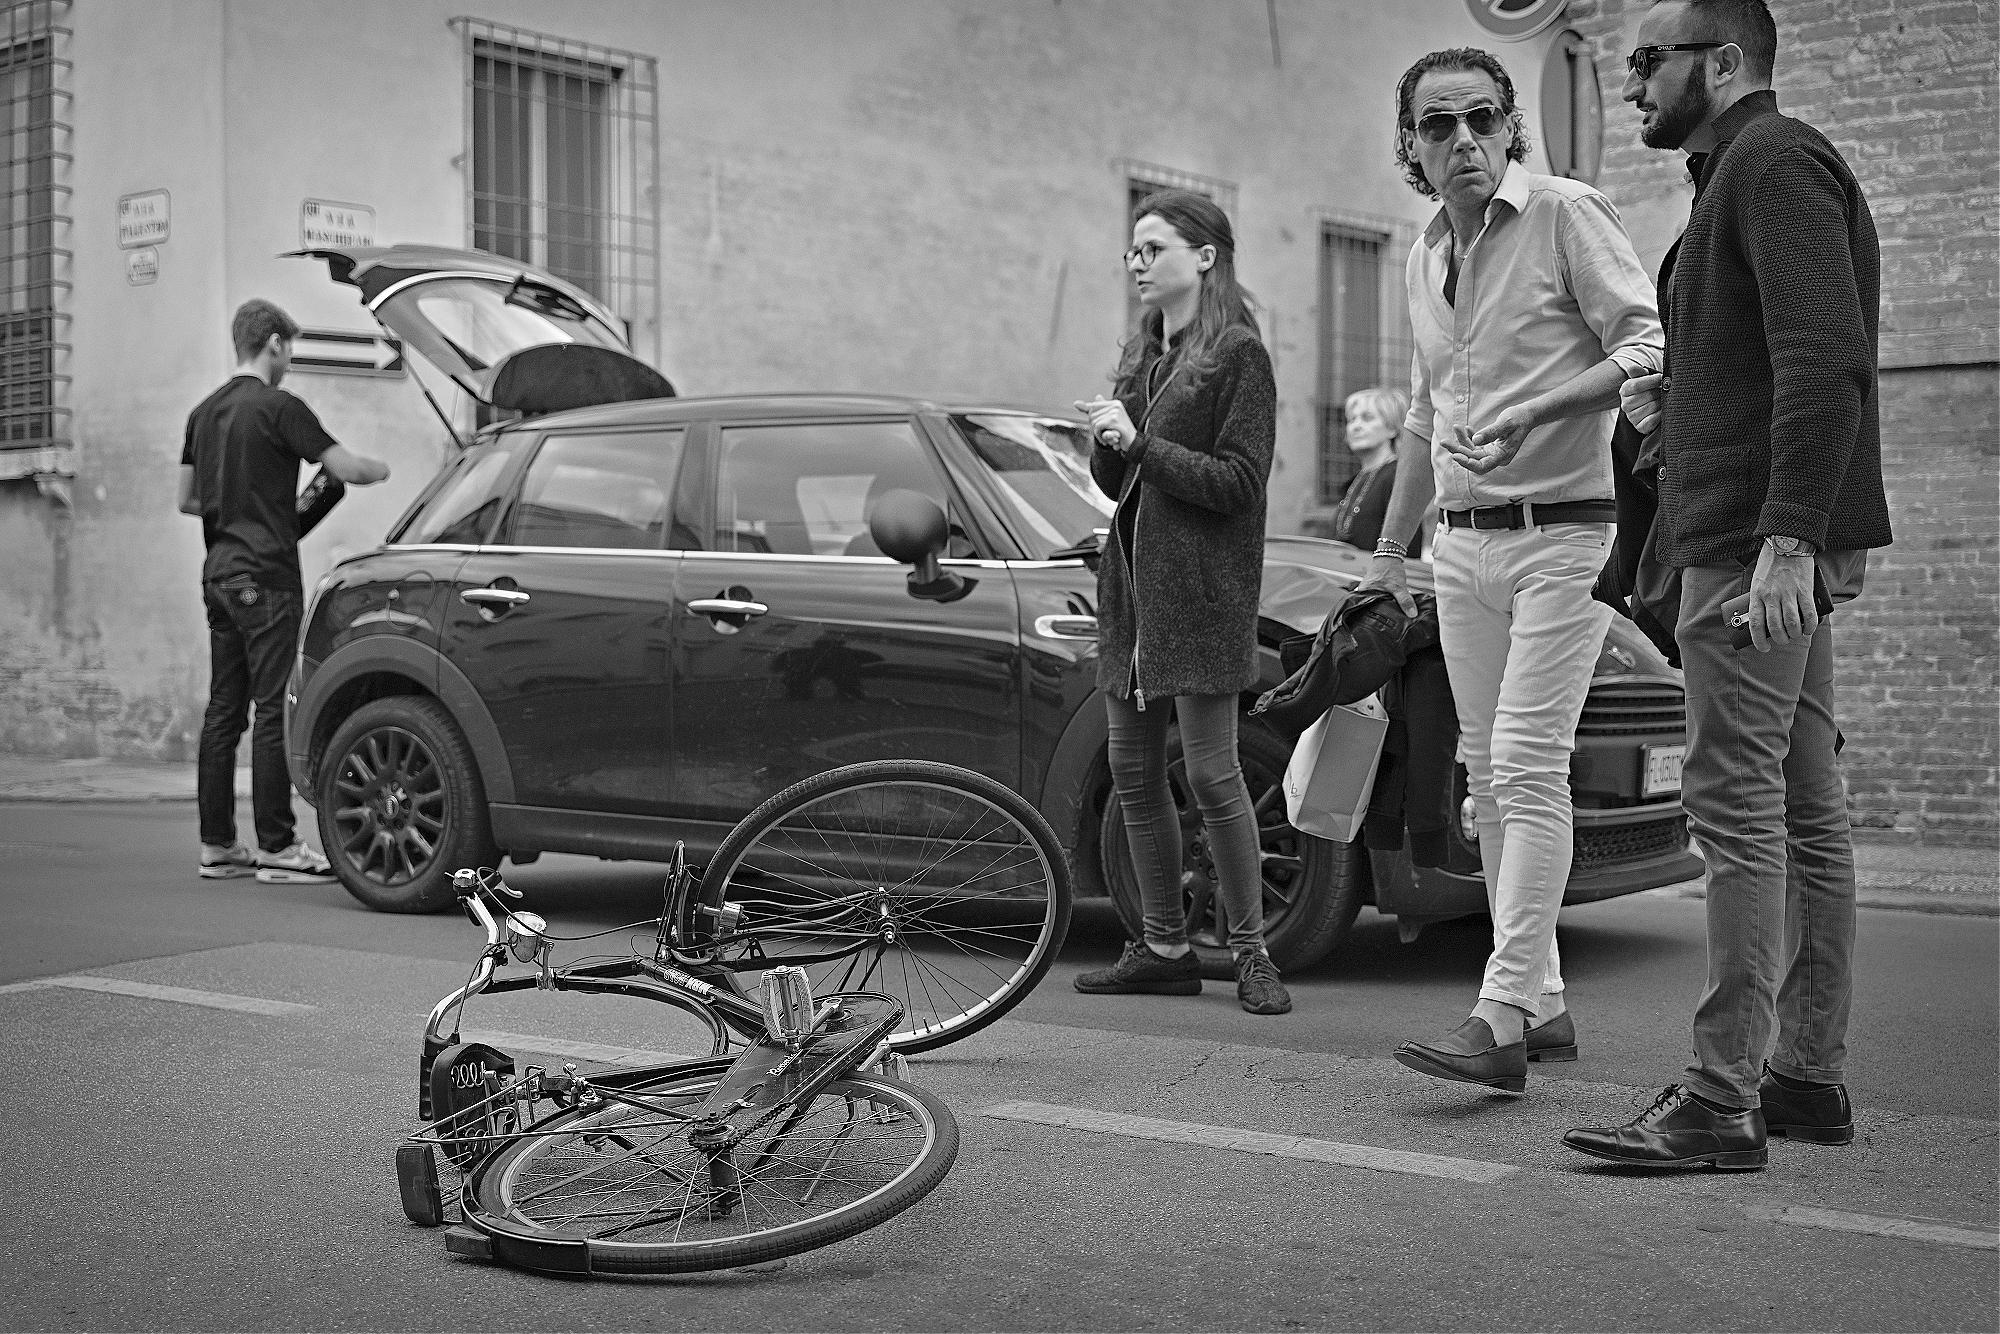 Cycling fatality, Ferrara